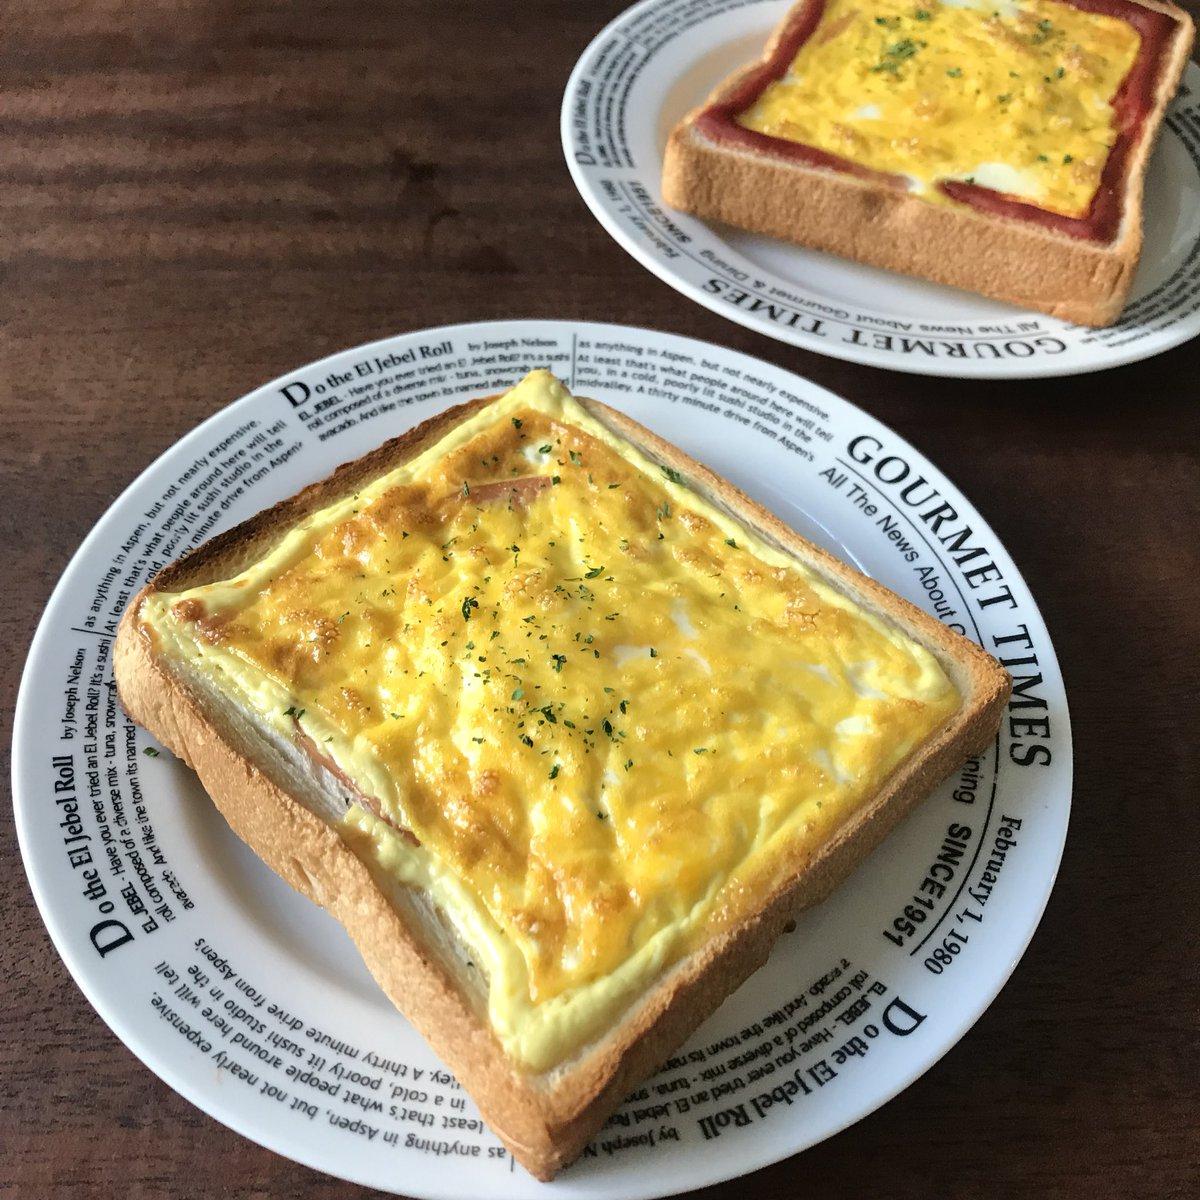 【レシピ】『朝食にオムレツトースト』周りはサクサクでめちゃめちゃ美味しい